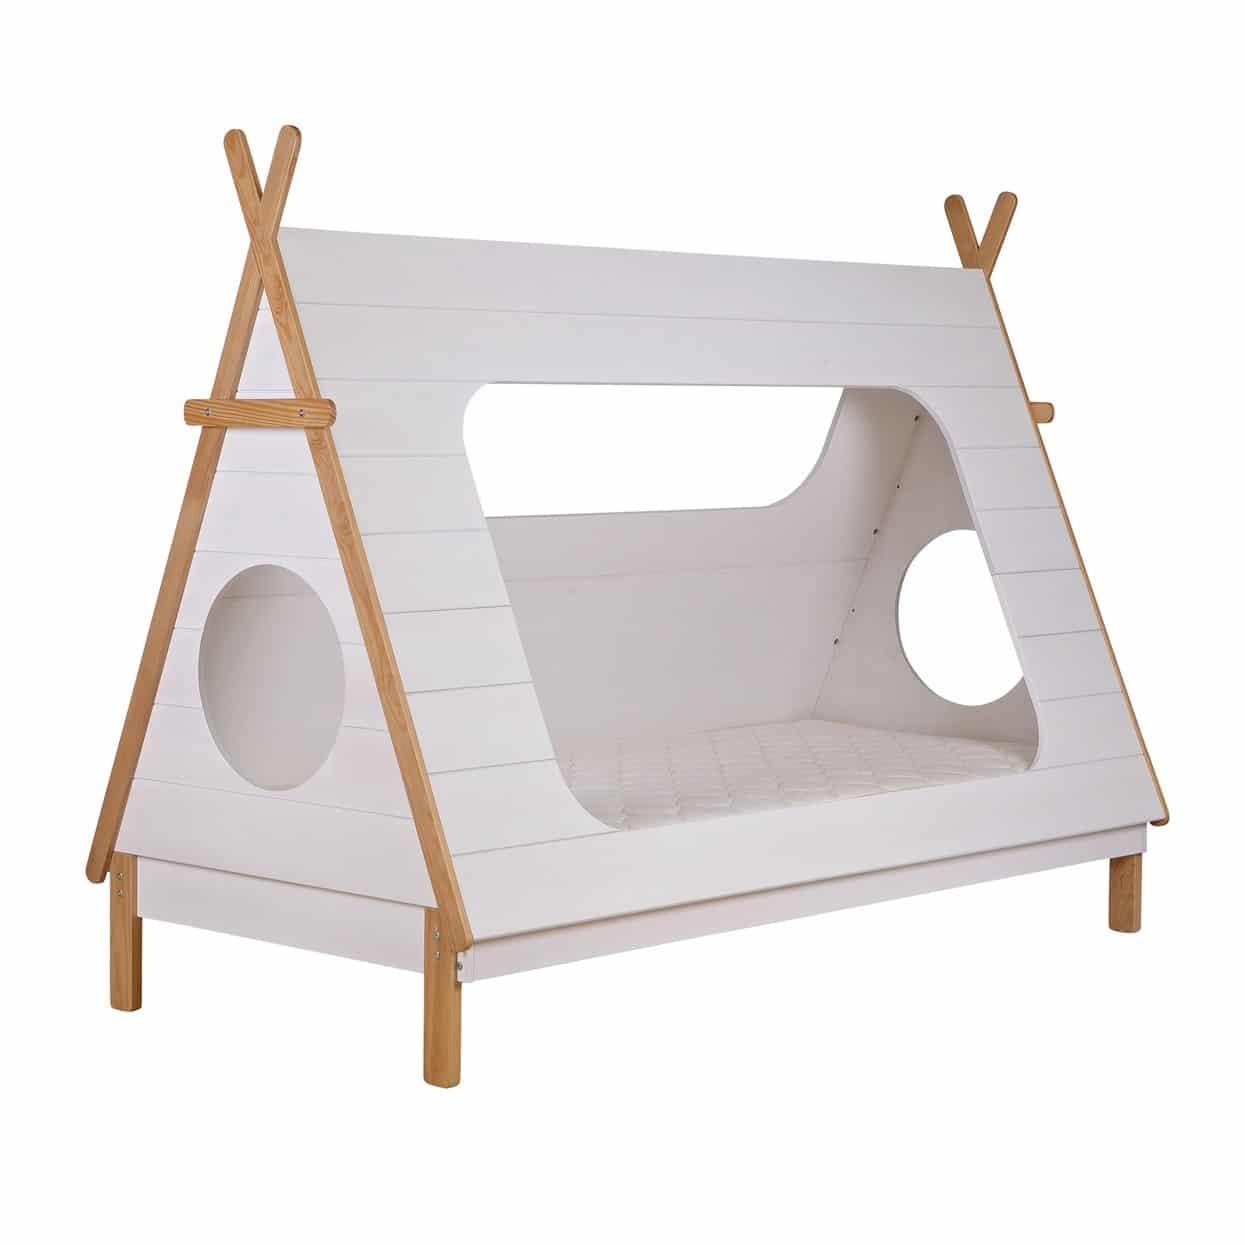 lit-enfant-design-sioux-blanc-nordic-factory